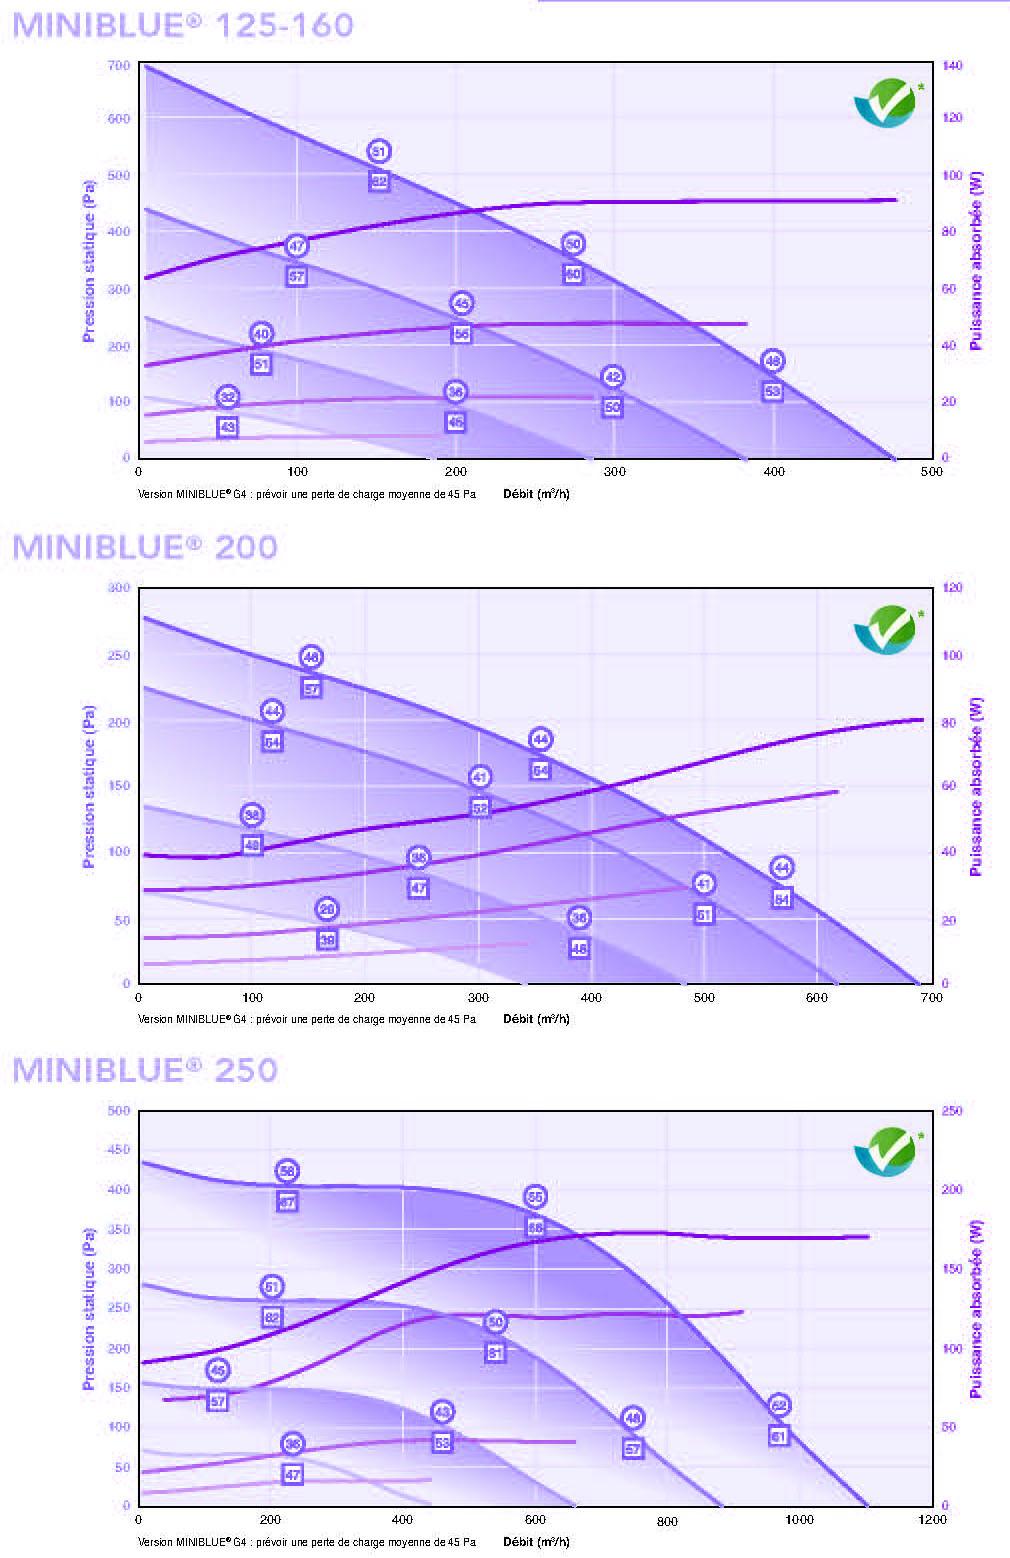 Caladair Miniblue Flow Rates